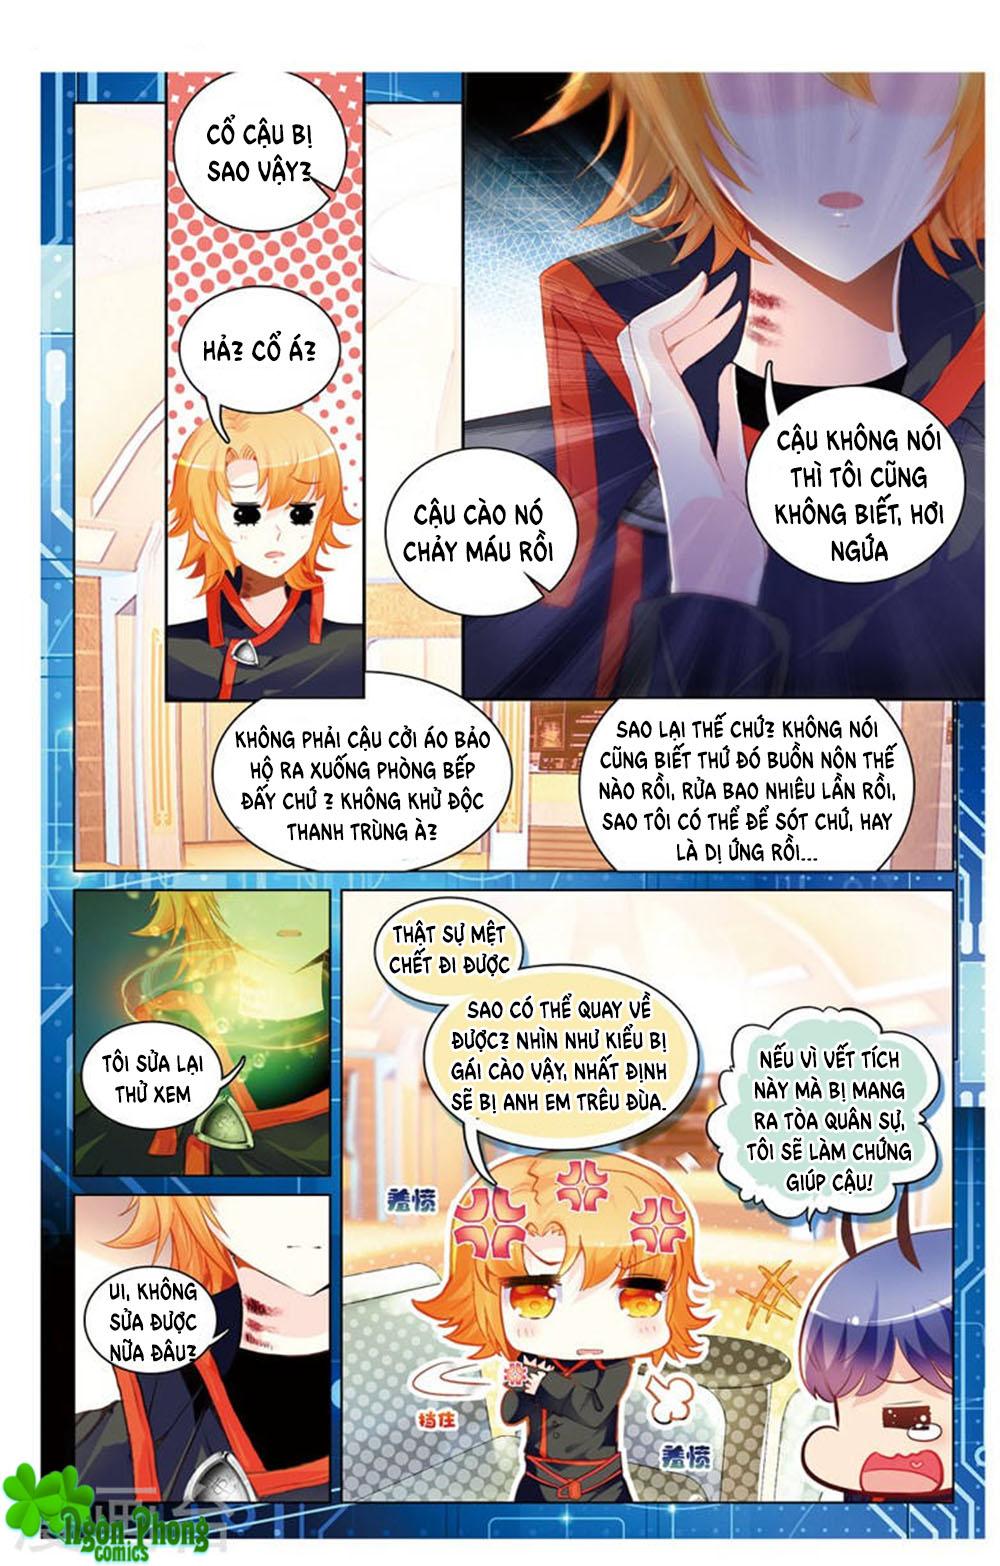 Hắn Đến Từ Sao Hỏa chap 19.1 - Trang 6